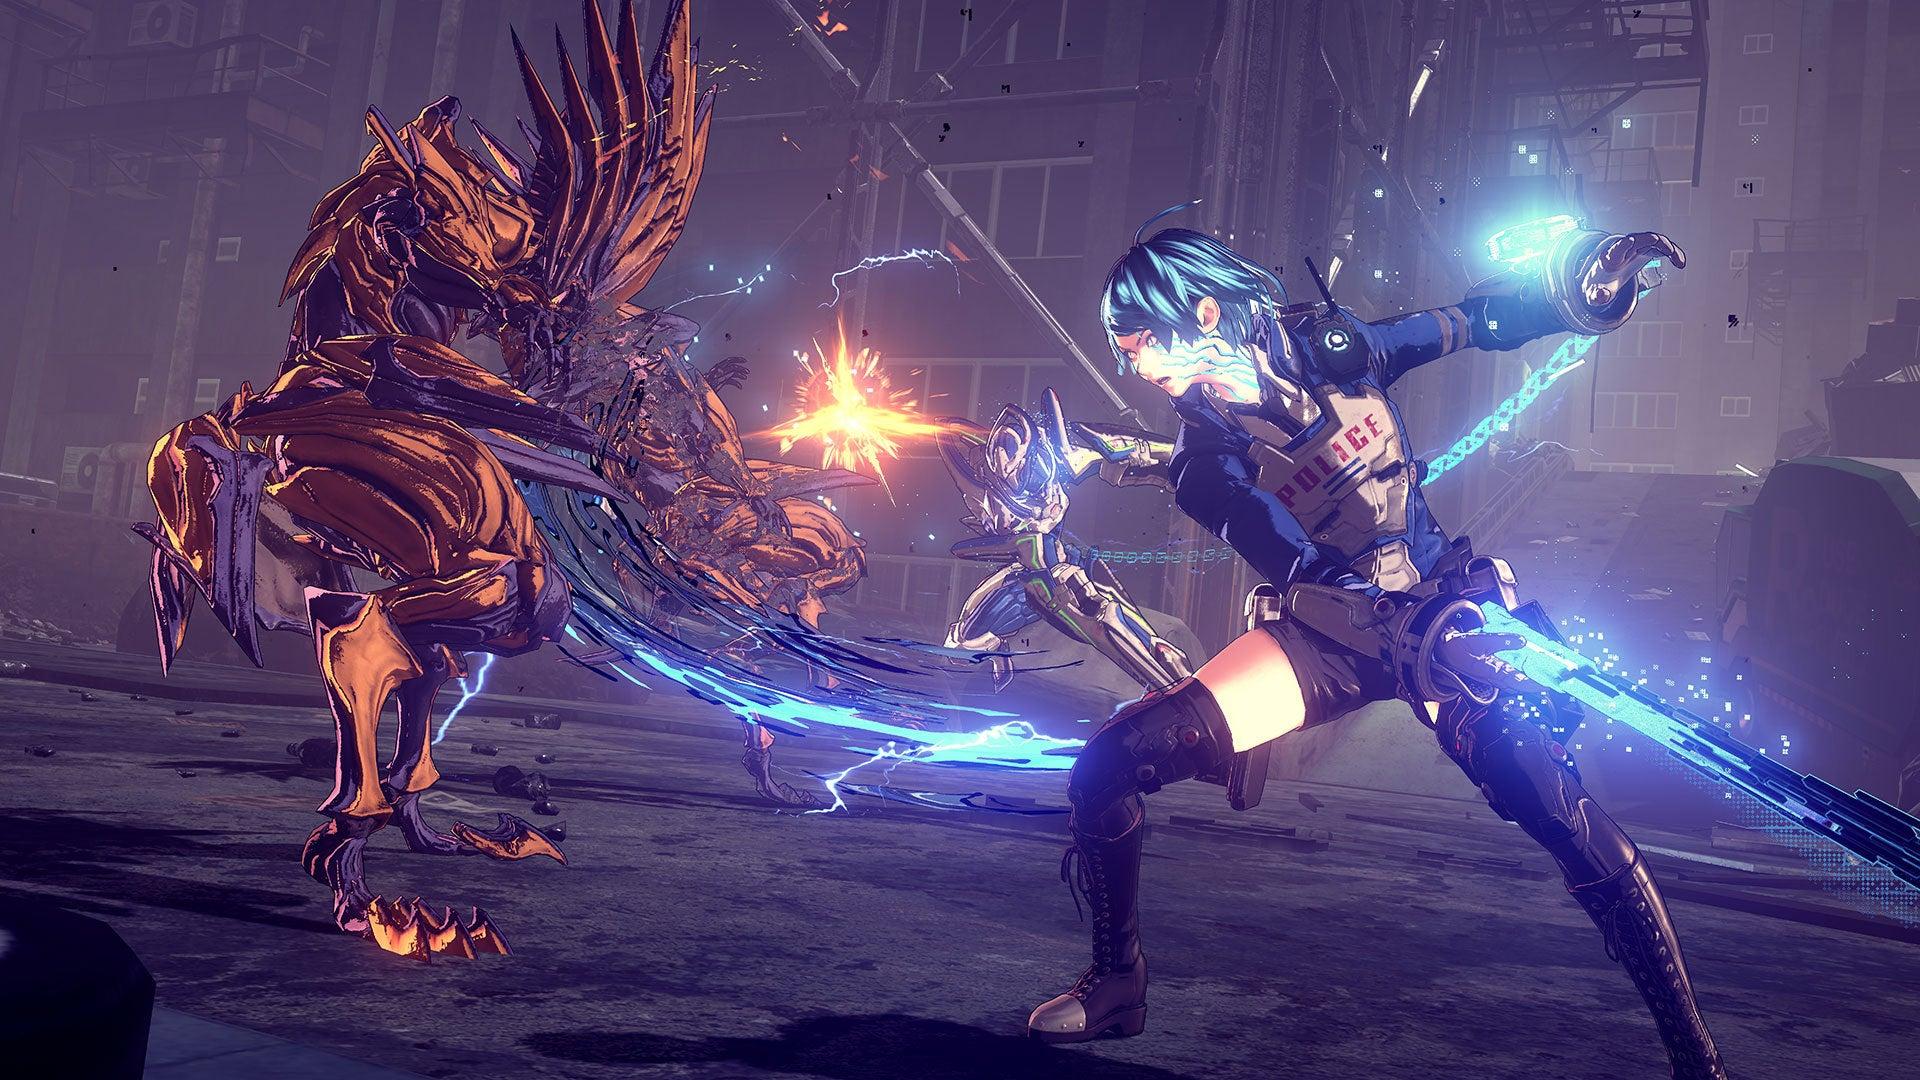 تریلر زمان عرضهی بازی Astral Chain طرفداران را برای انتشاری طوفانی آماده میسازد